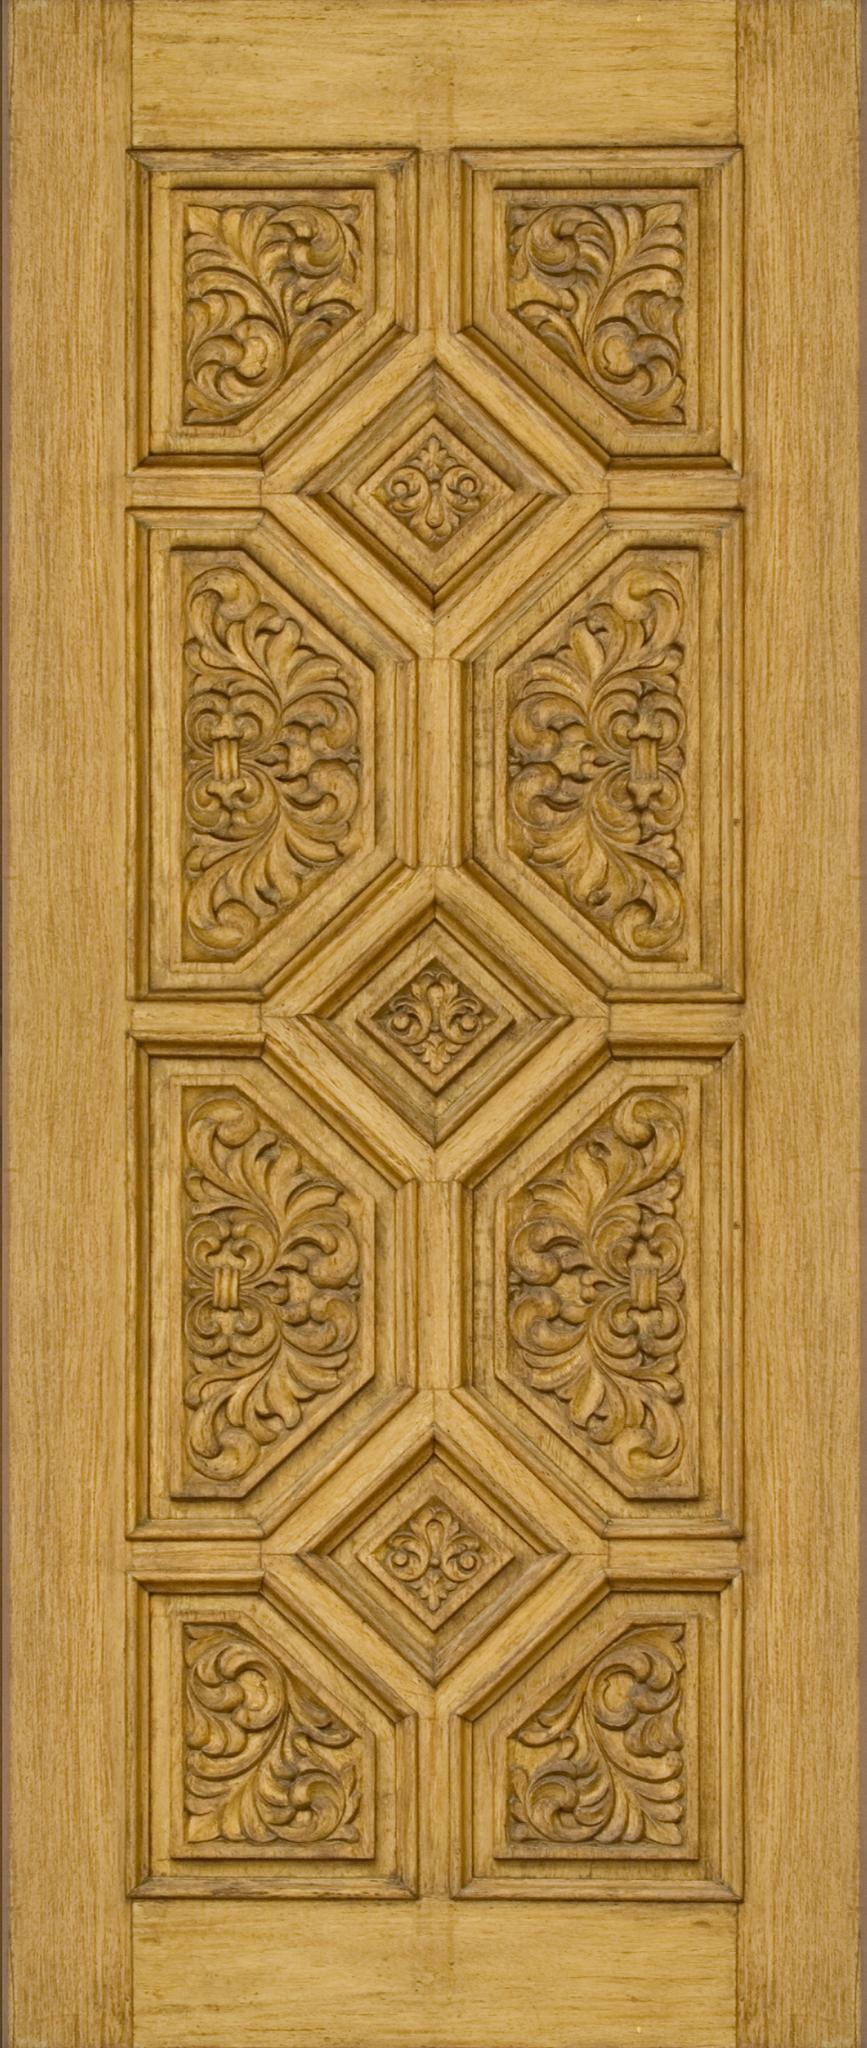 Carved Ornate Door.jpg